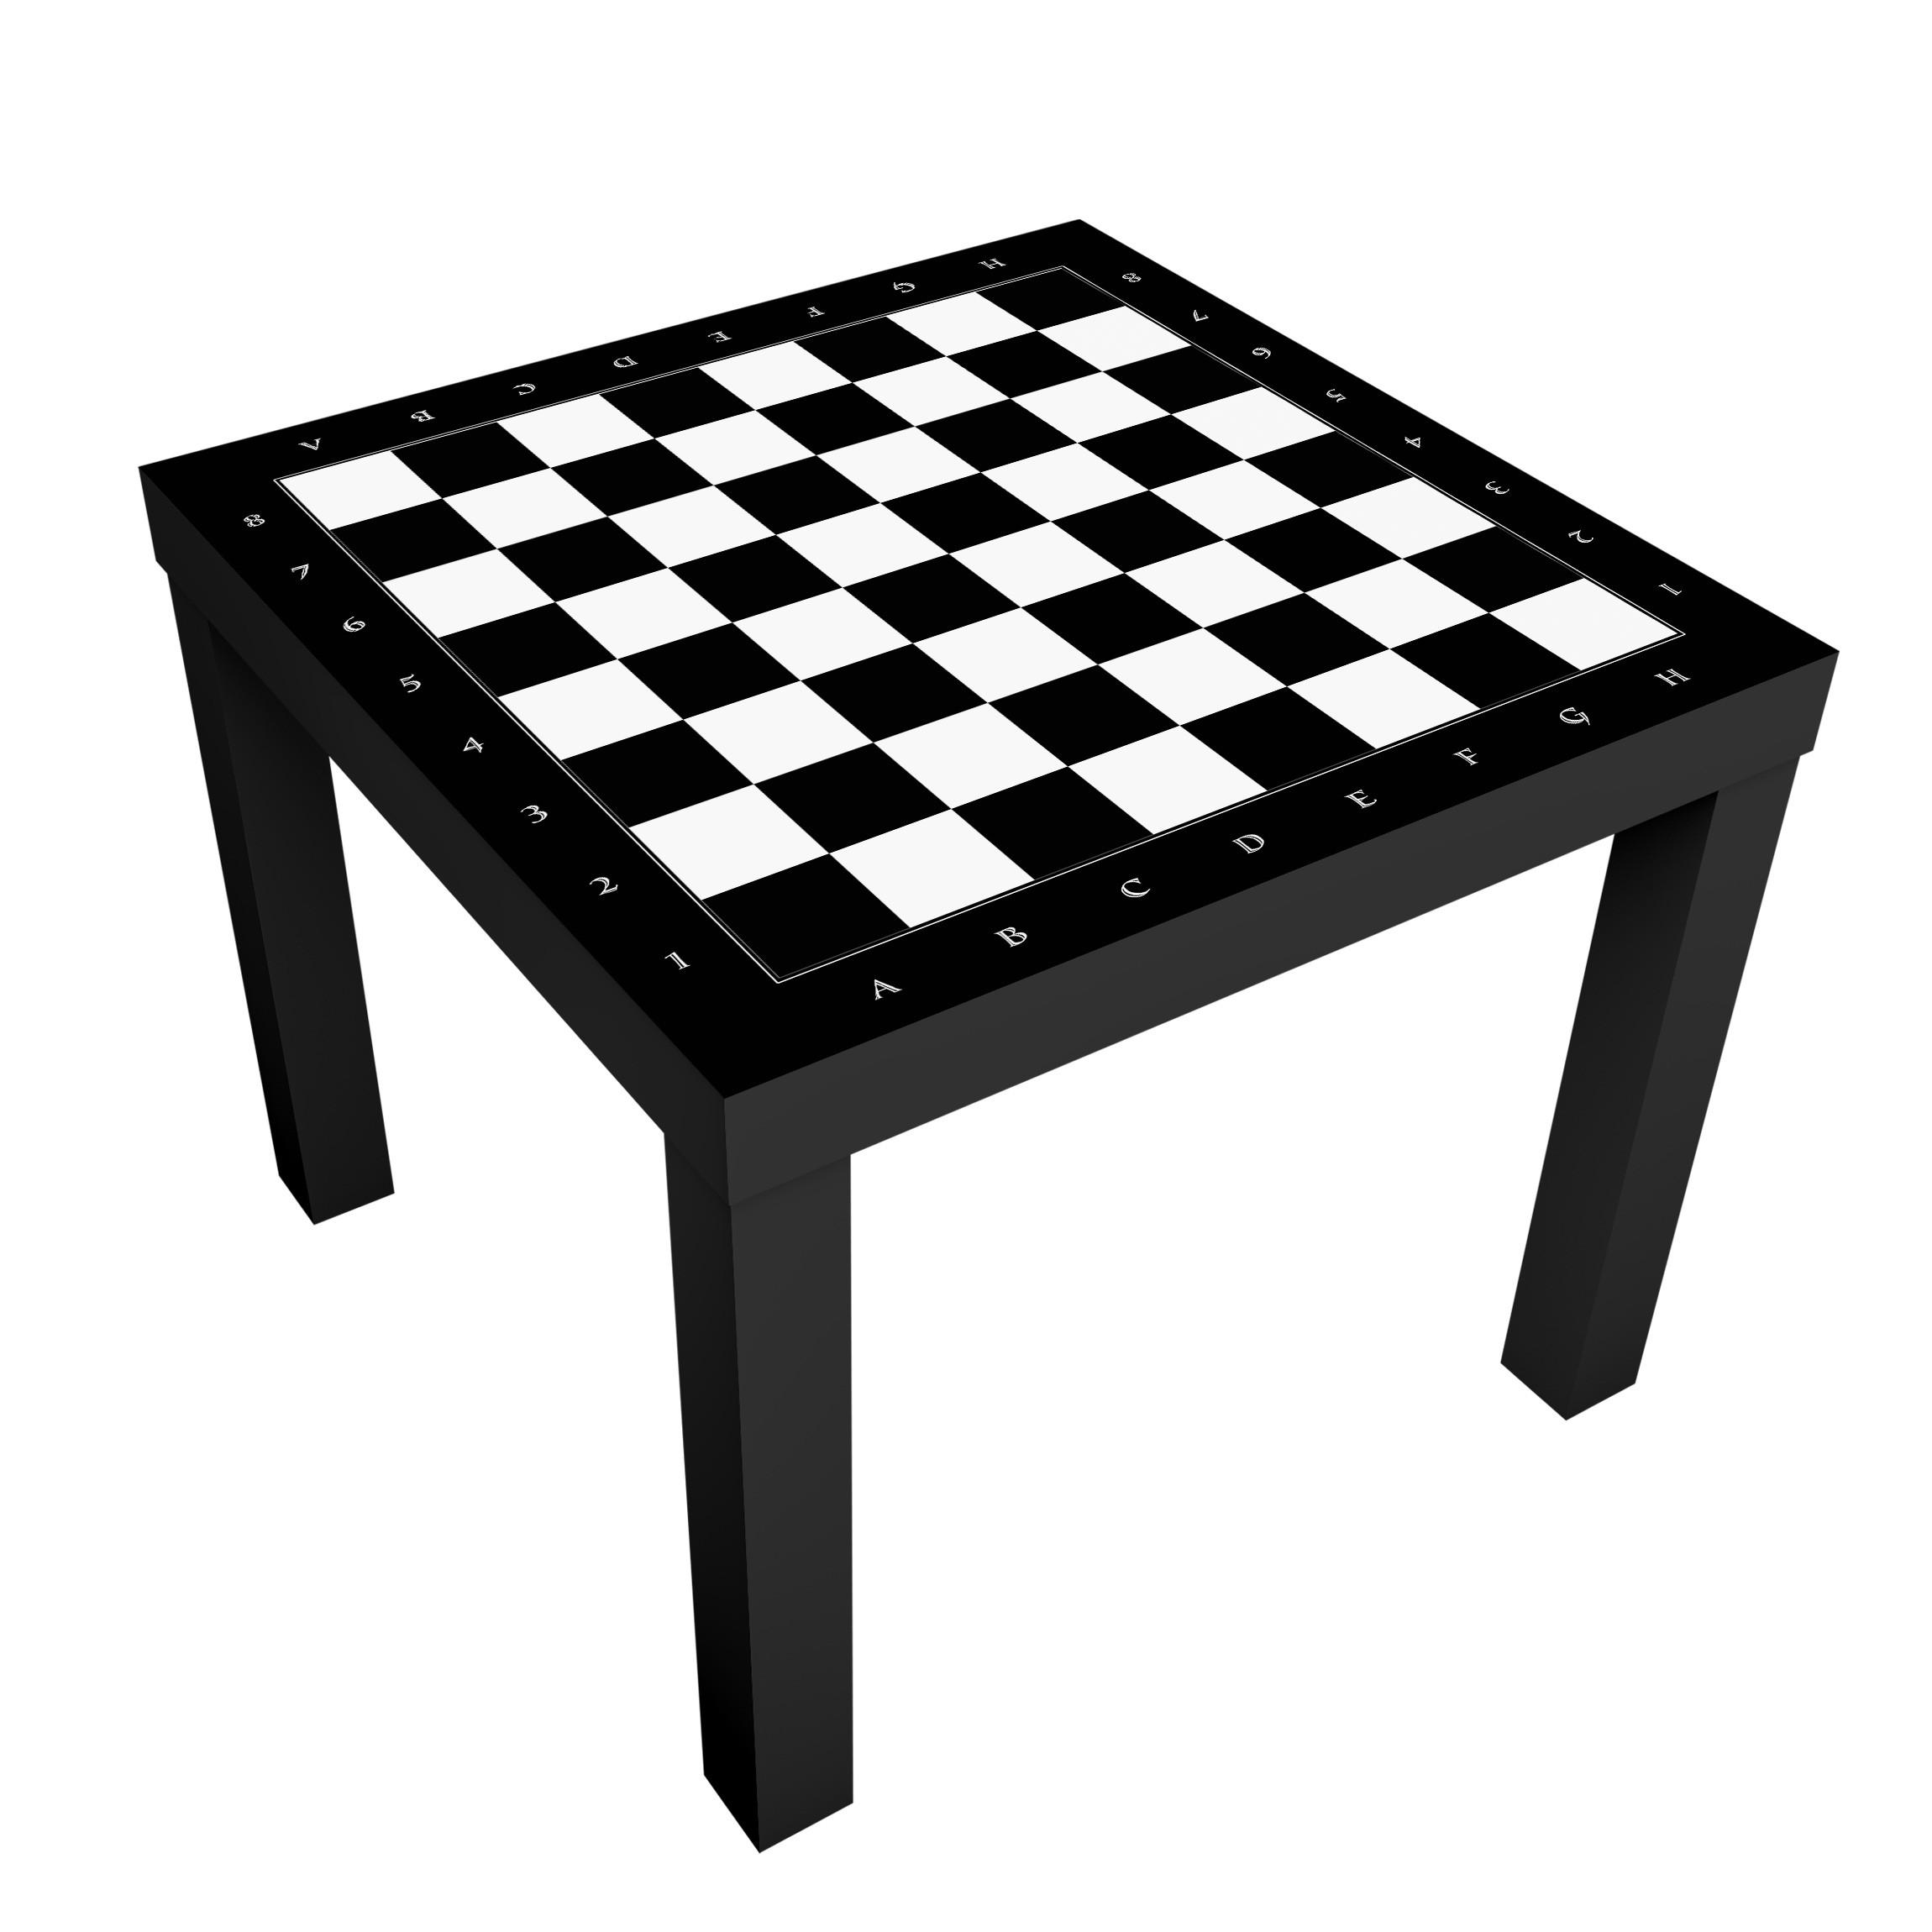 Beistelltisch No Yk41 Schachbrett Tisch Schwarz Wei